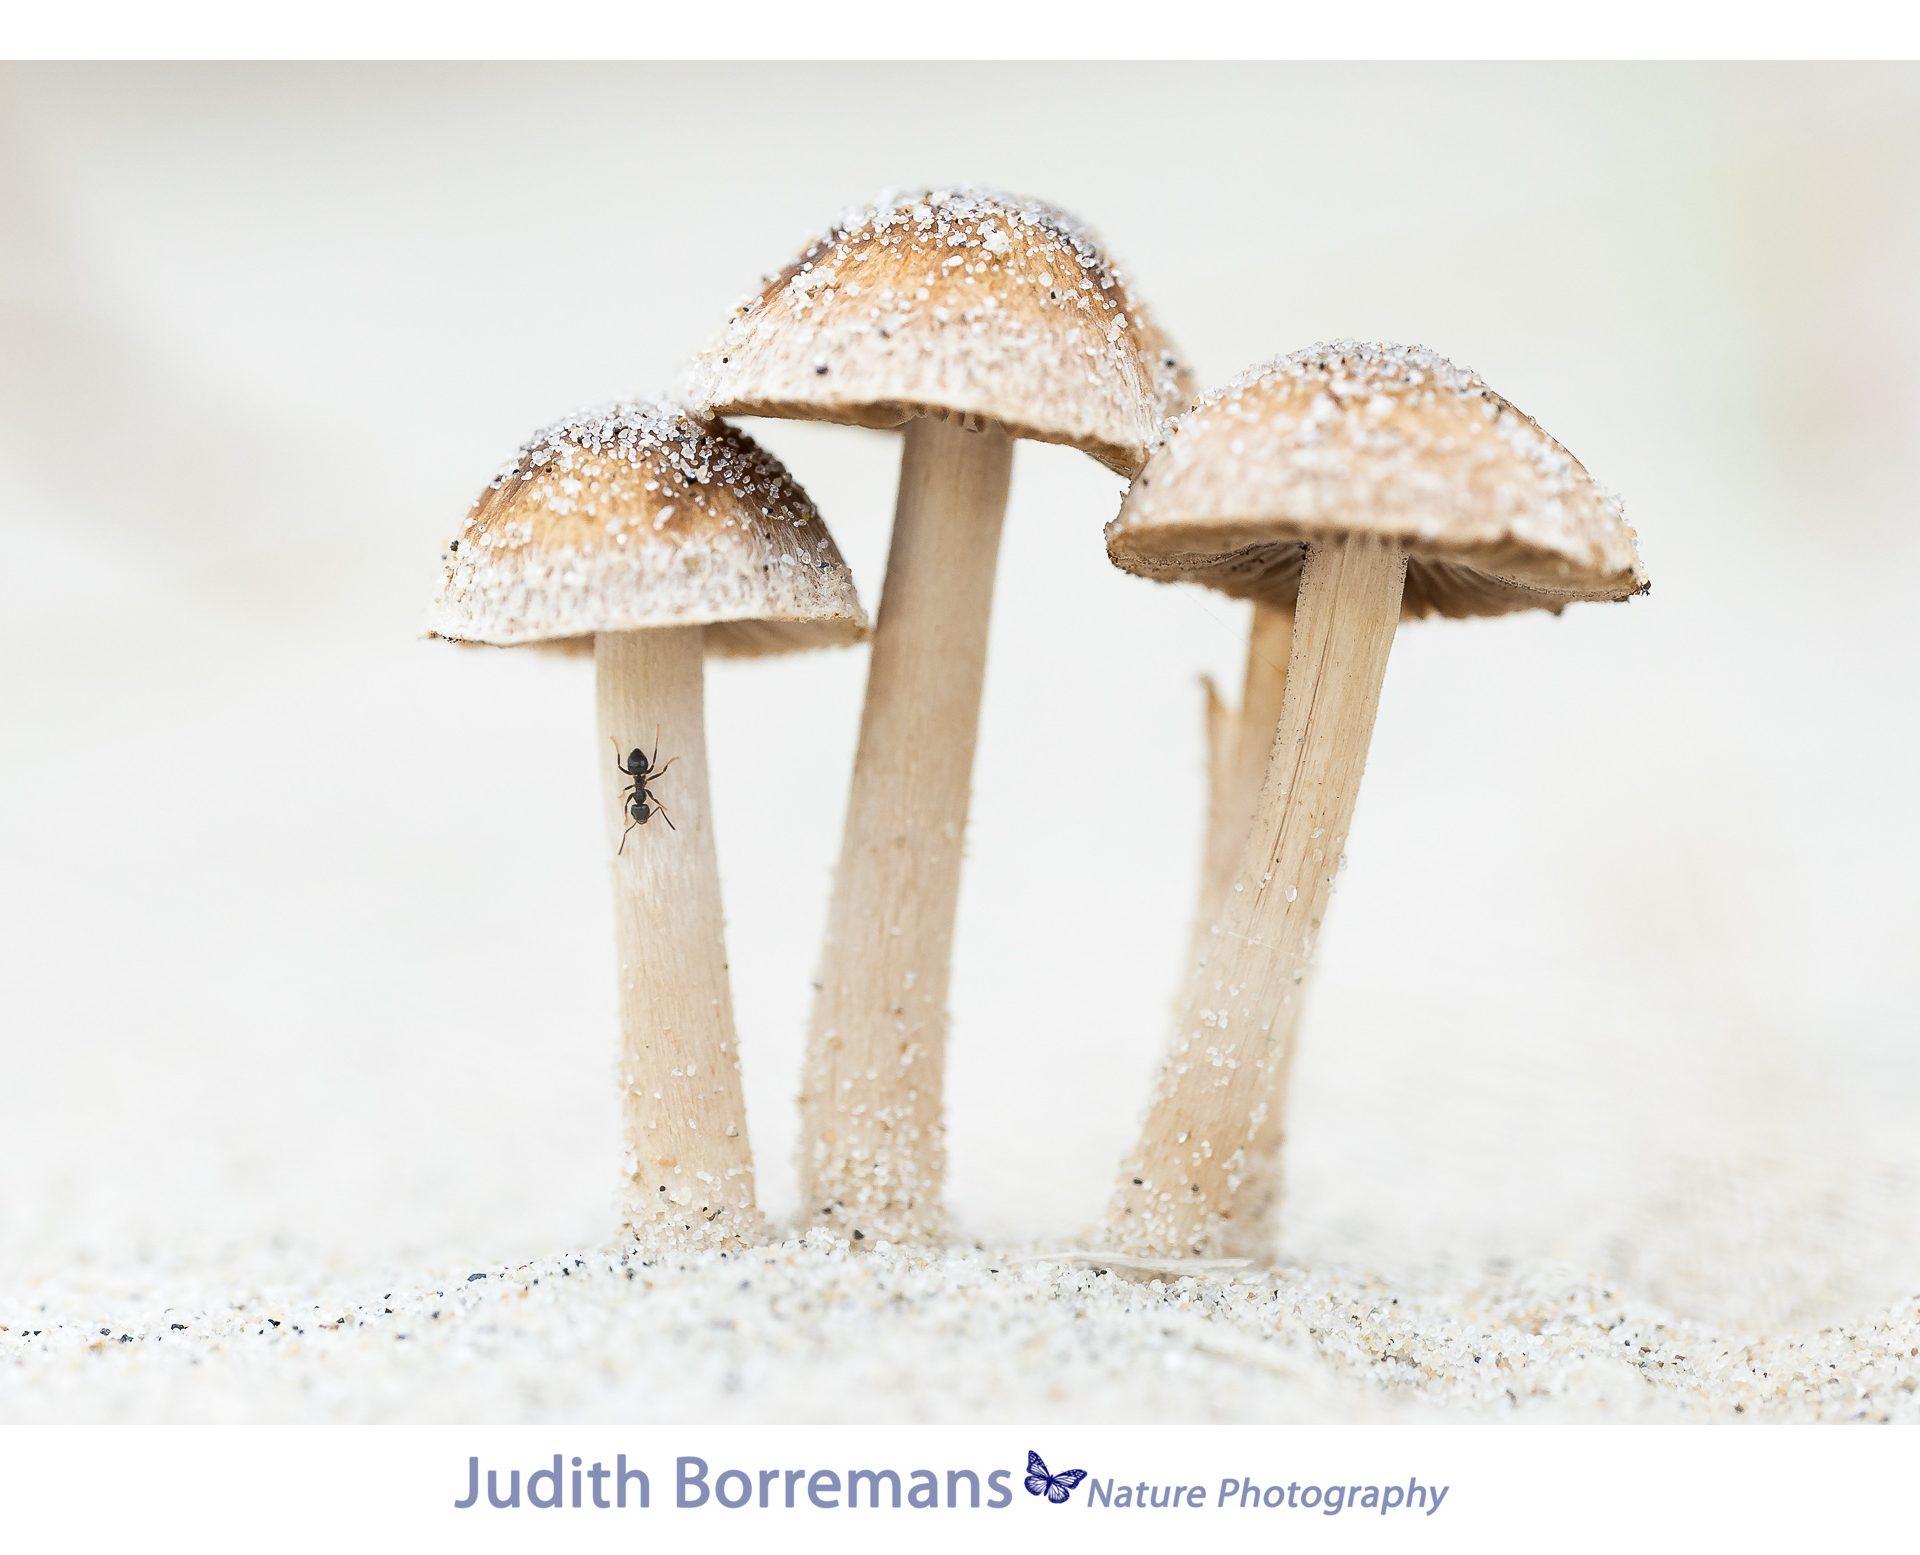 Duinpaddenstoelen Met Mier